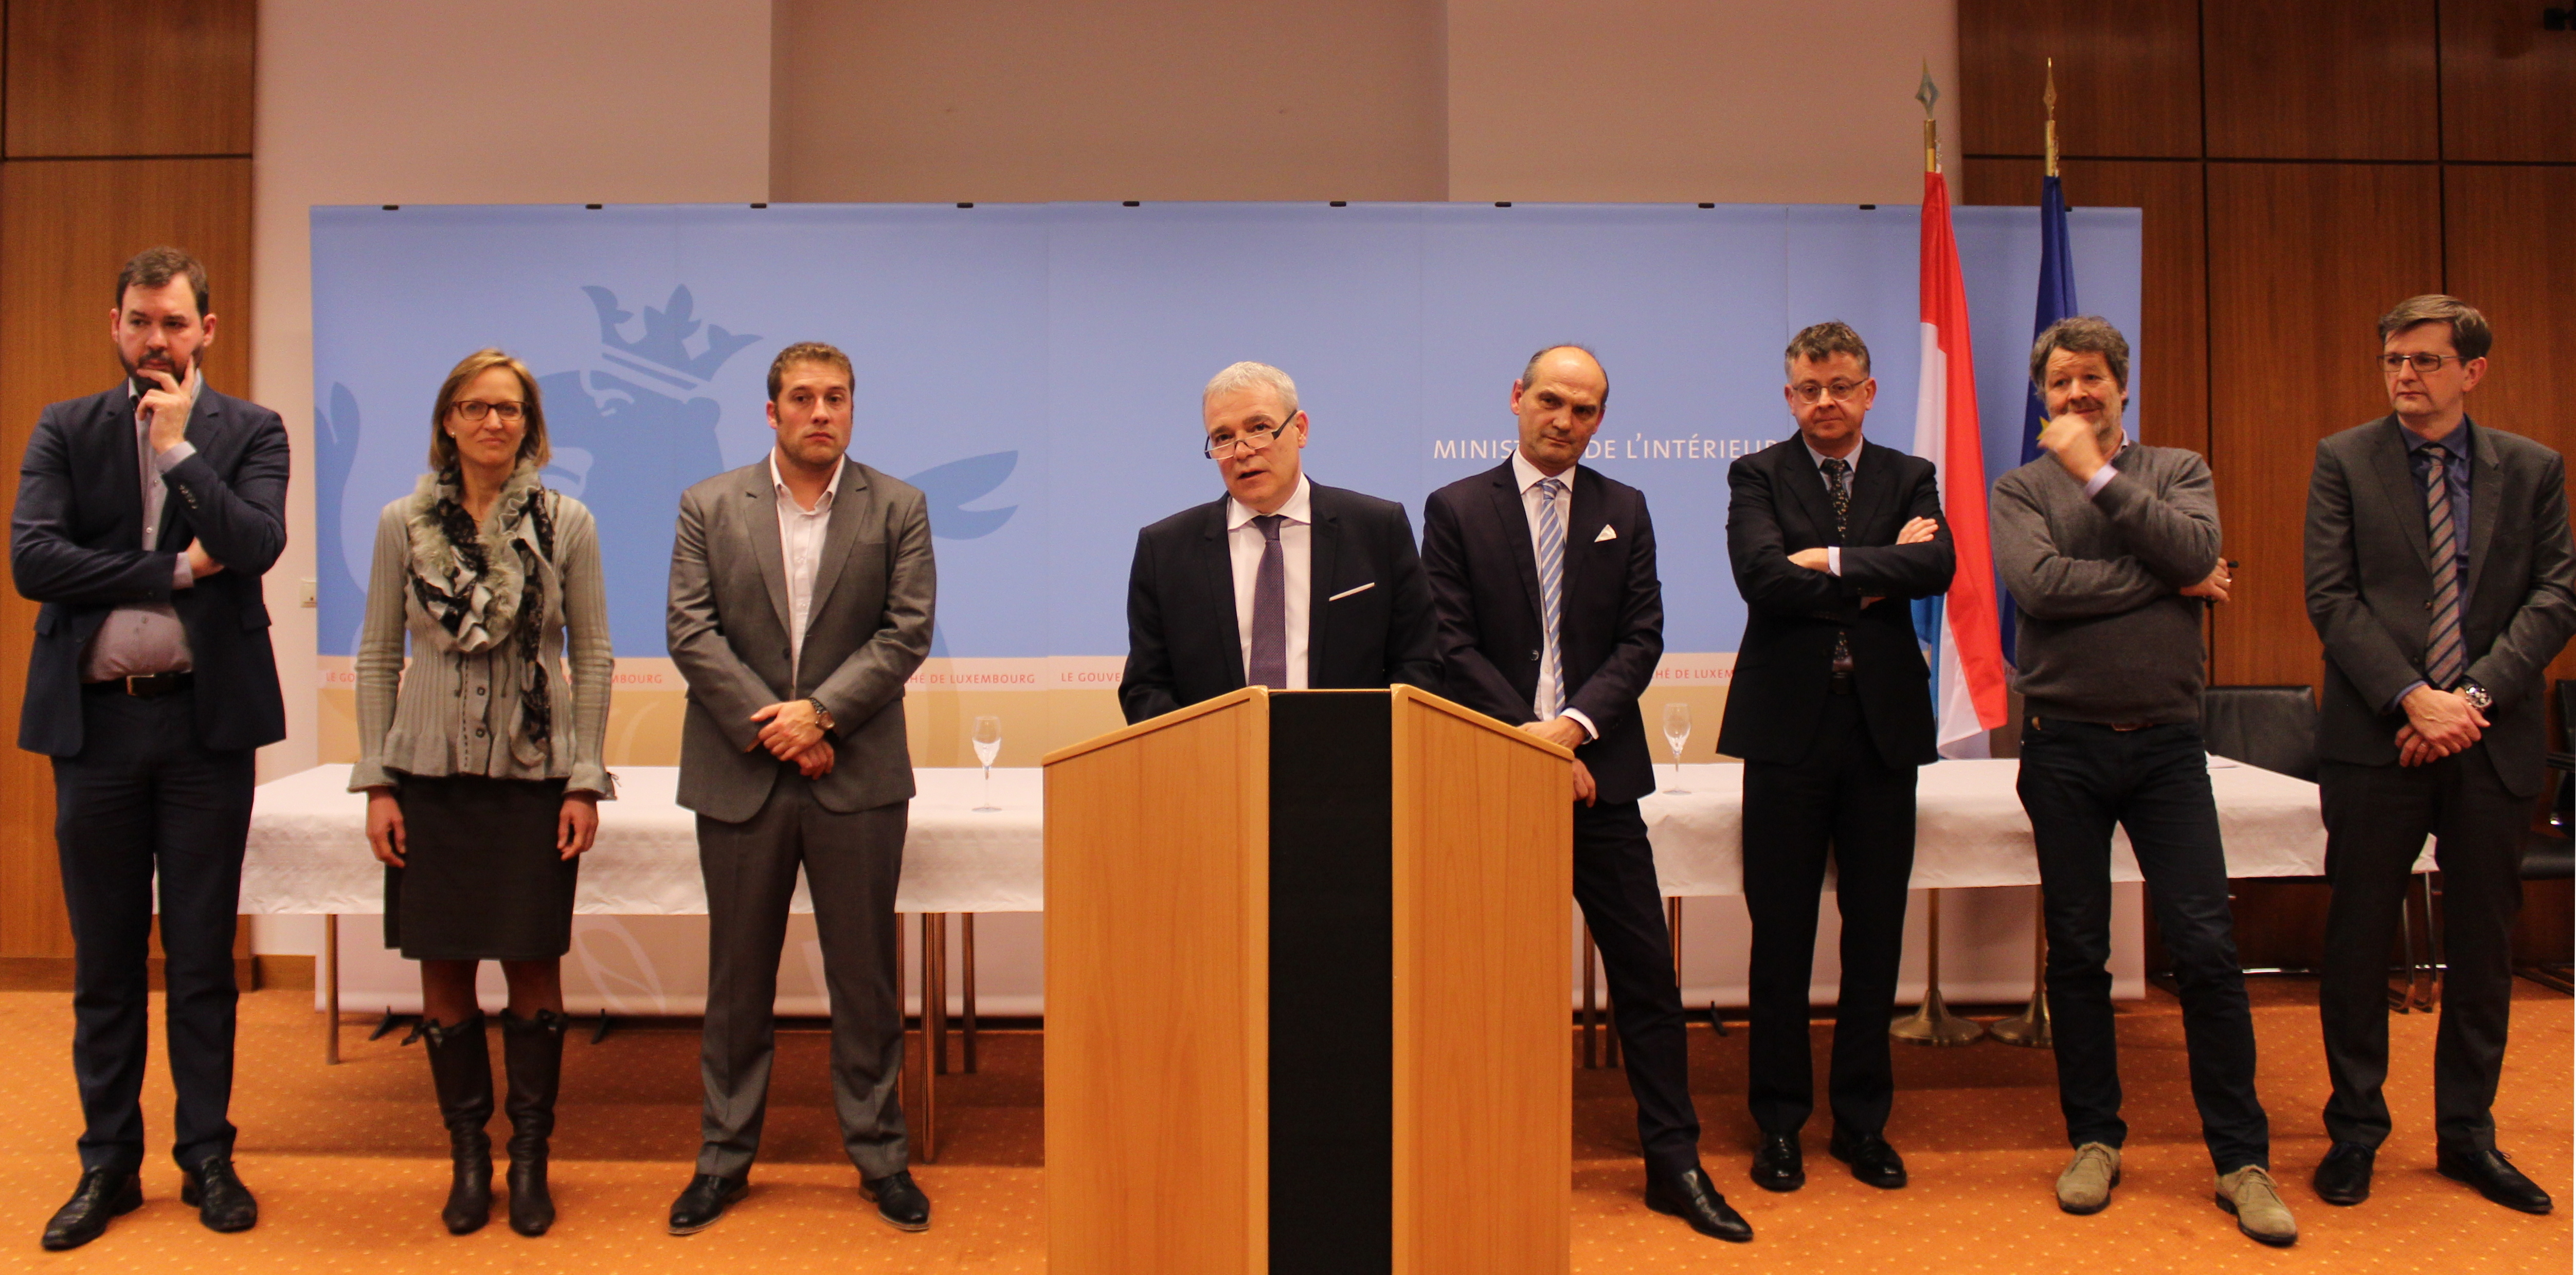 Le ministre de l\'Intérieur, Dan Kersch, esquisse les projets de ...